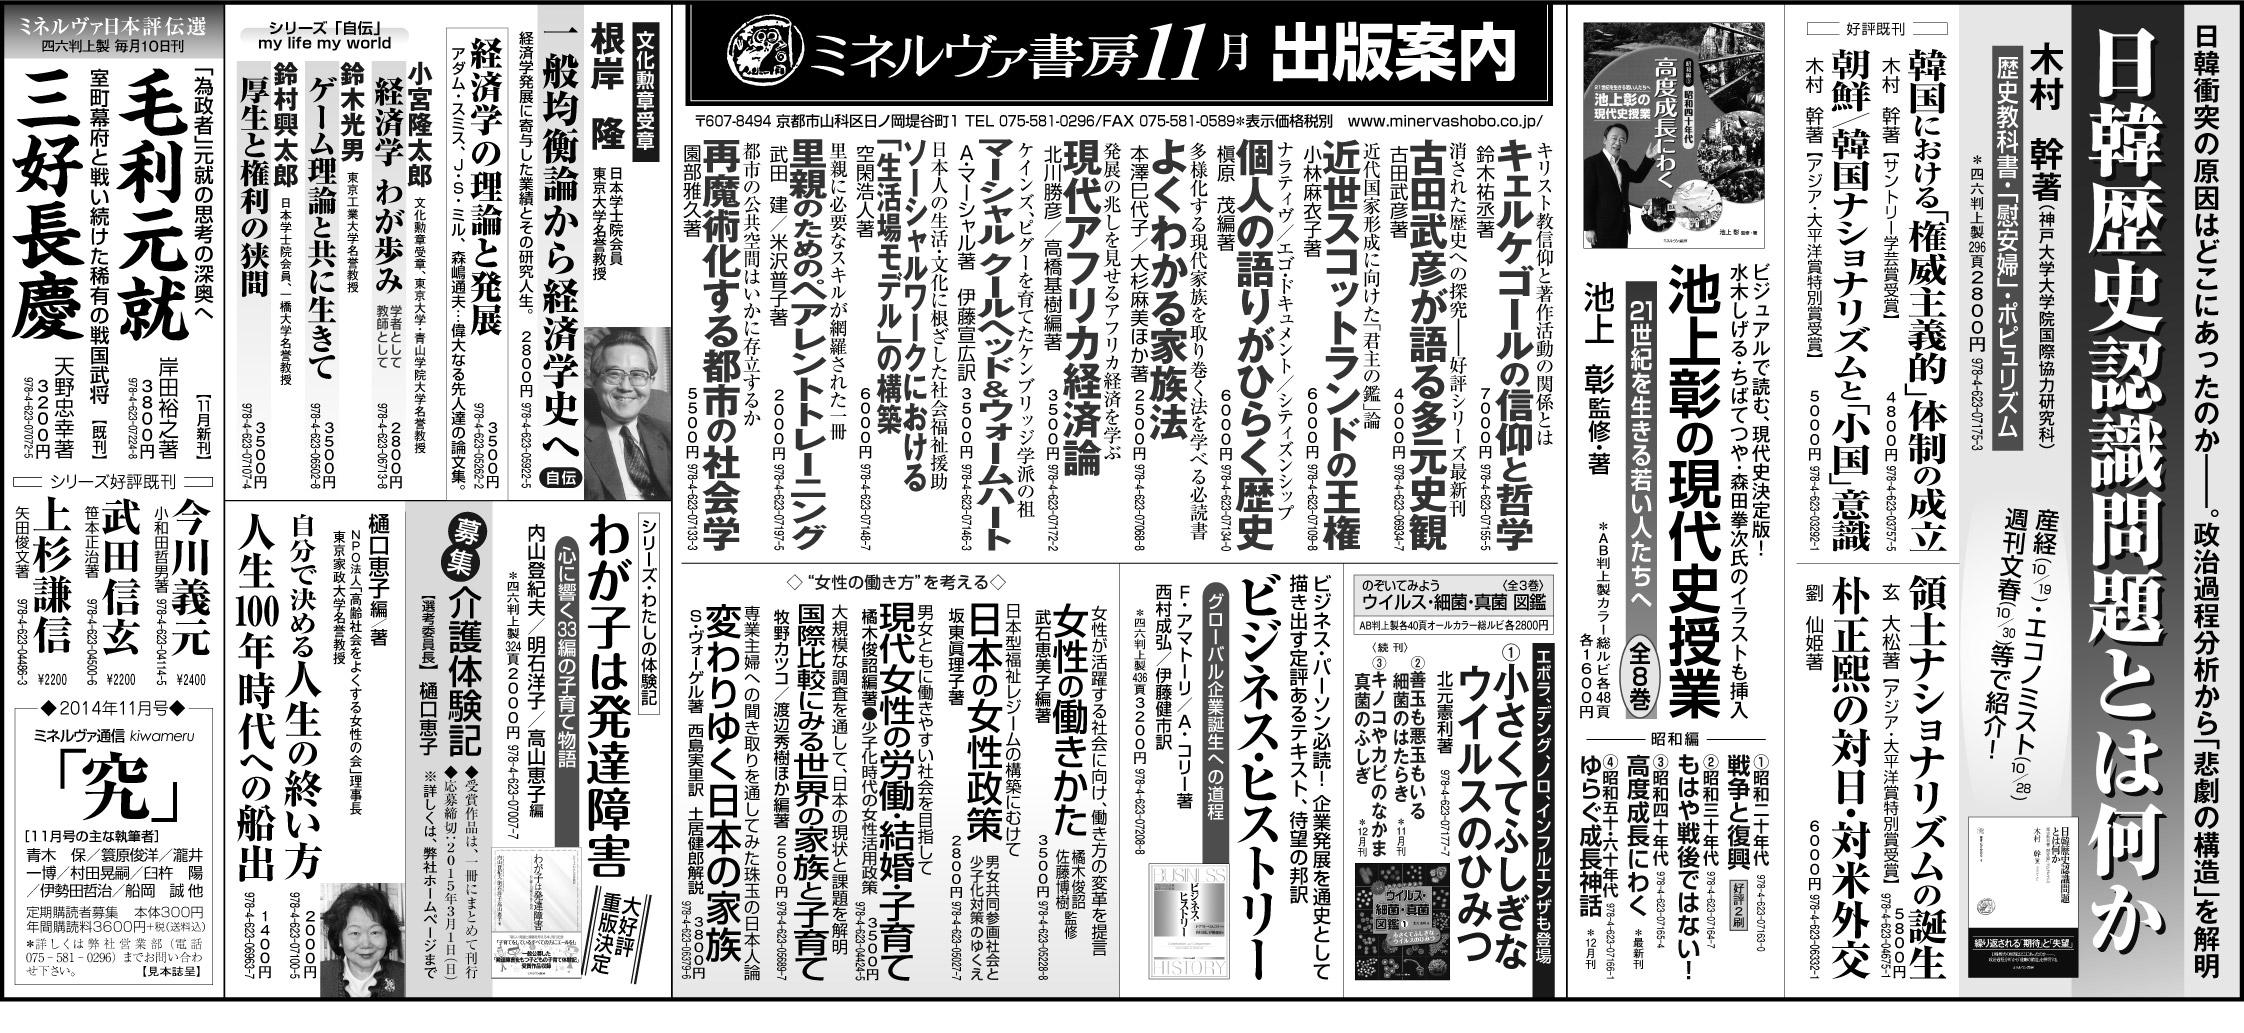 日本経済新聞全5段広告2014年11月16日掲載